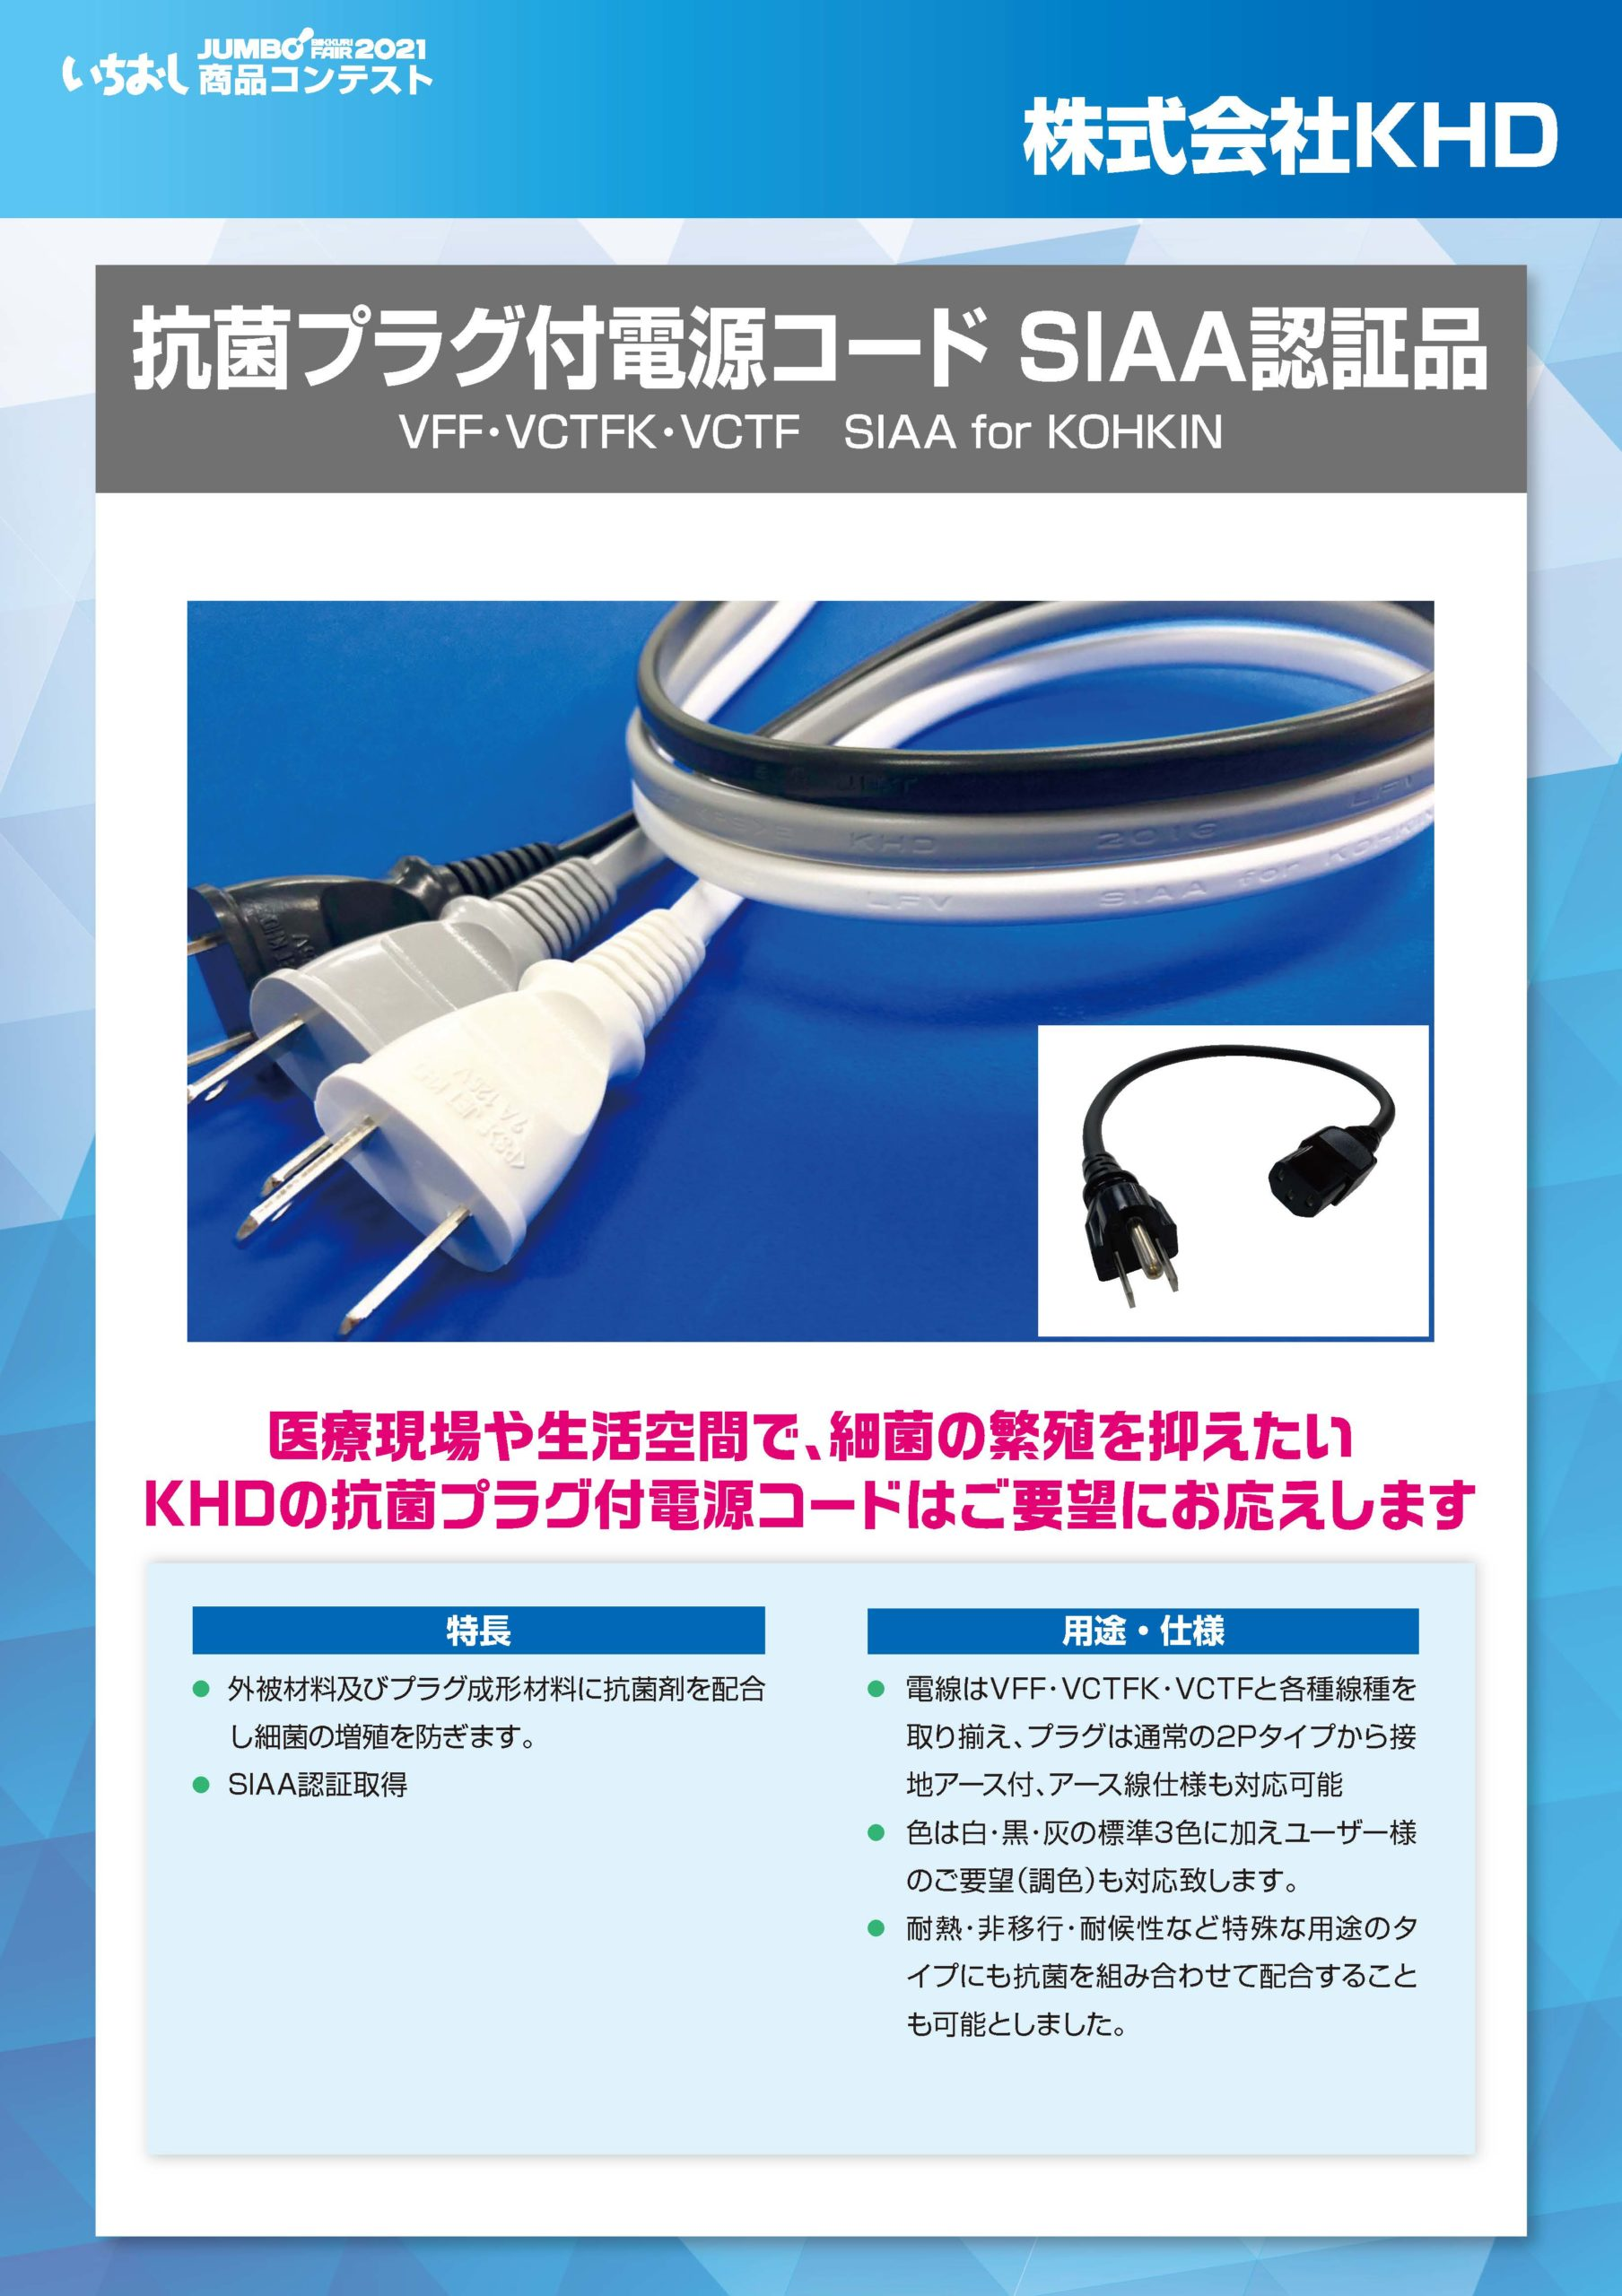 「抗菌プラグ付電源コード SIAA認証品」株式会社KHDの画像